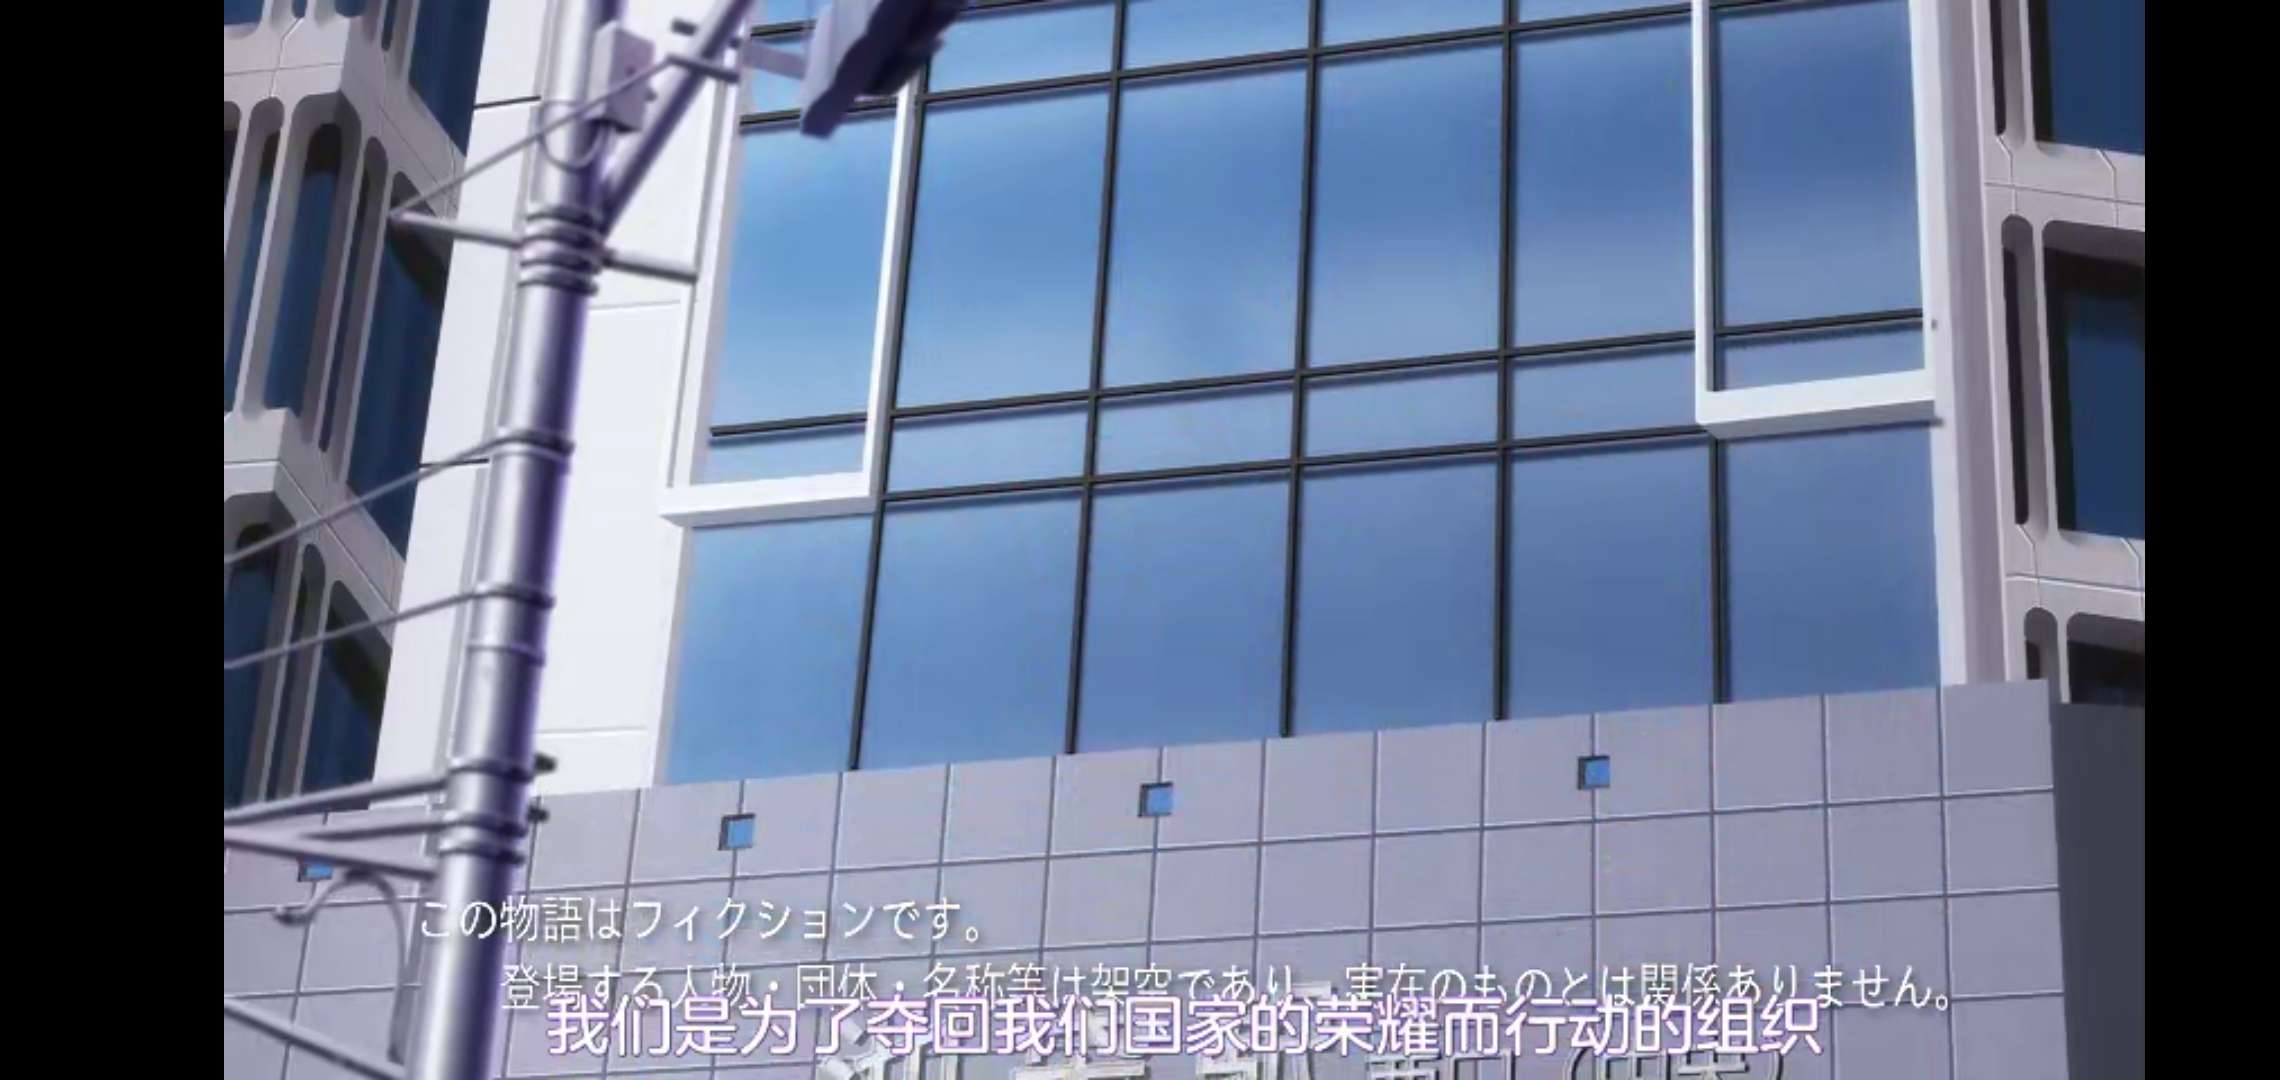 【动漫更新】池袋西口公园(12月1日任务帖】】-小柚妹站